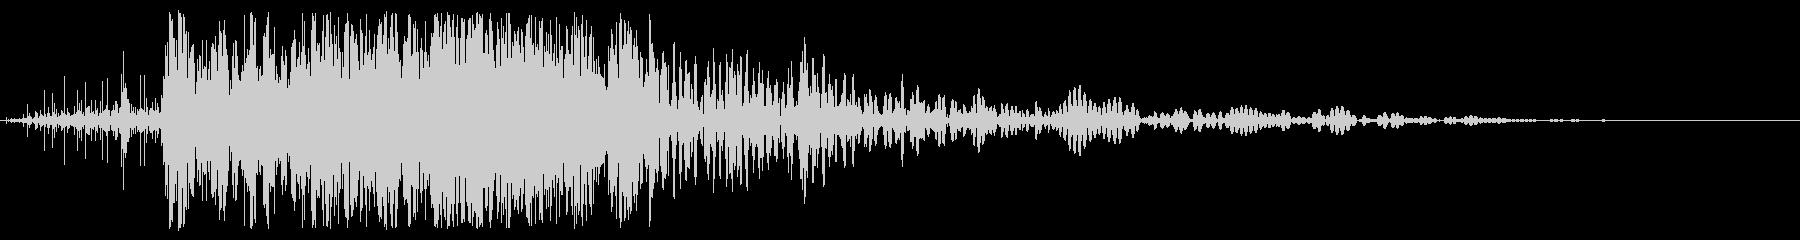 シズルメタルクランチヒットの未再生の波形